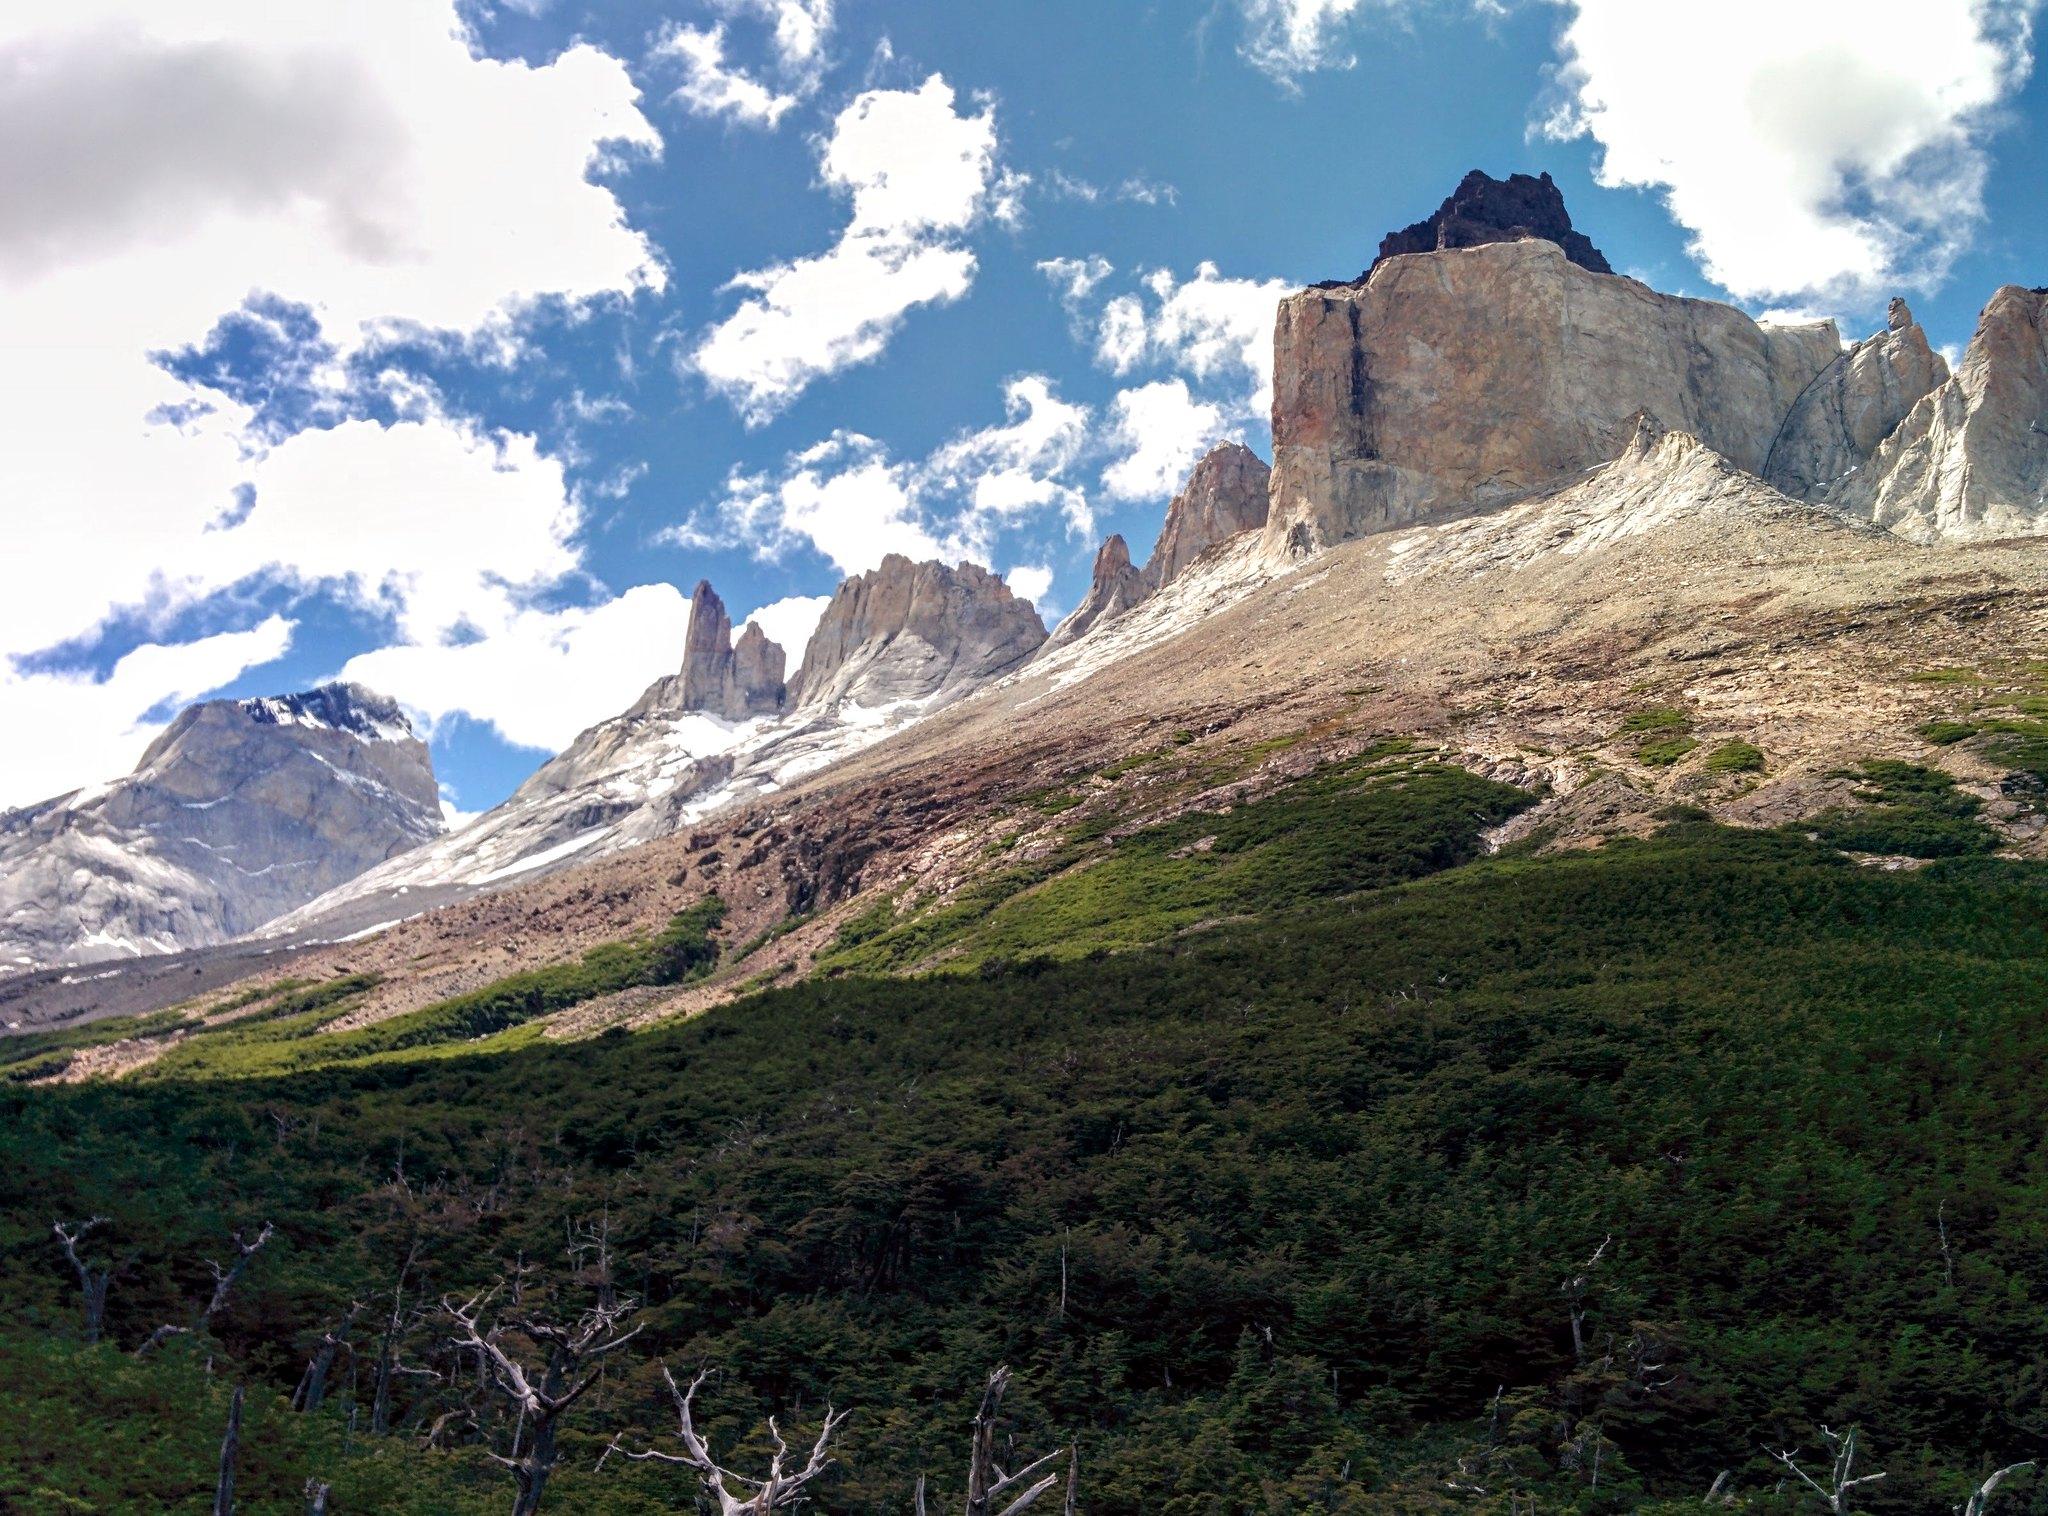 The view towards Los Cuernos from our secret mirador